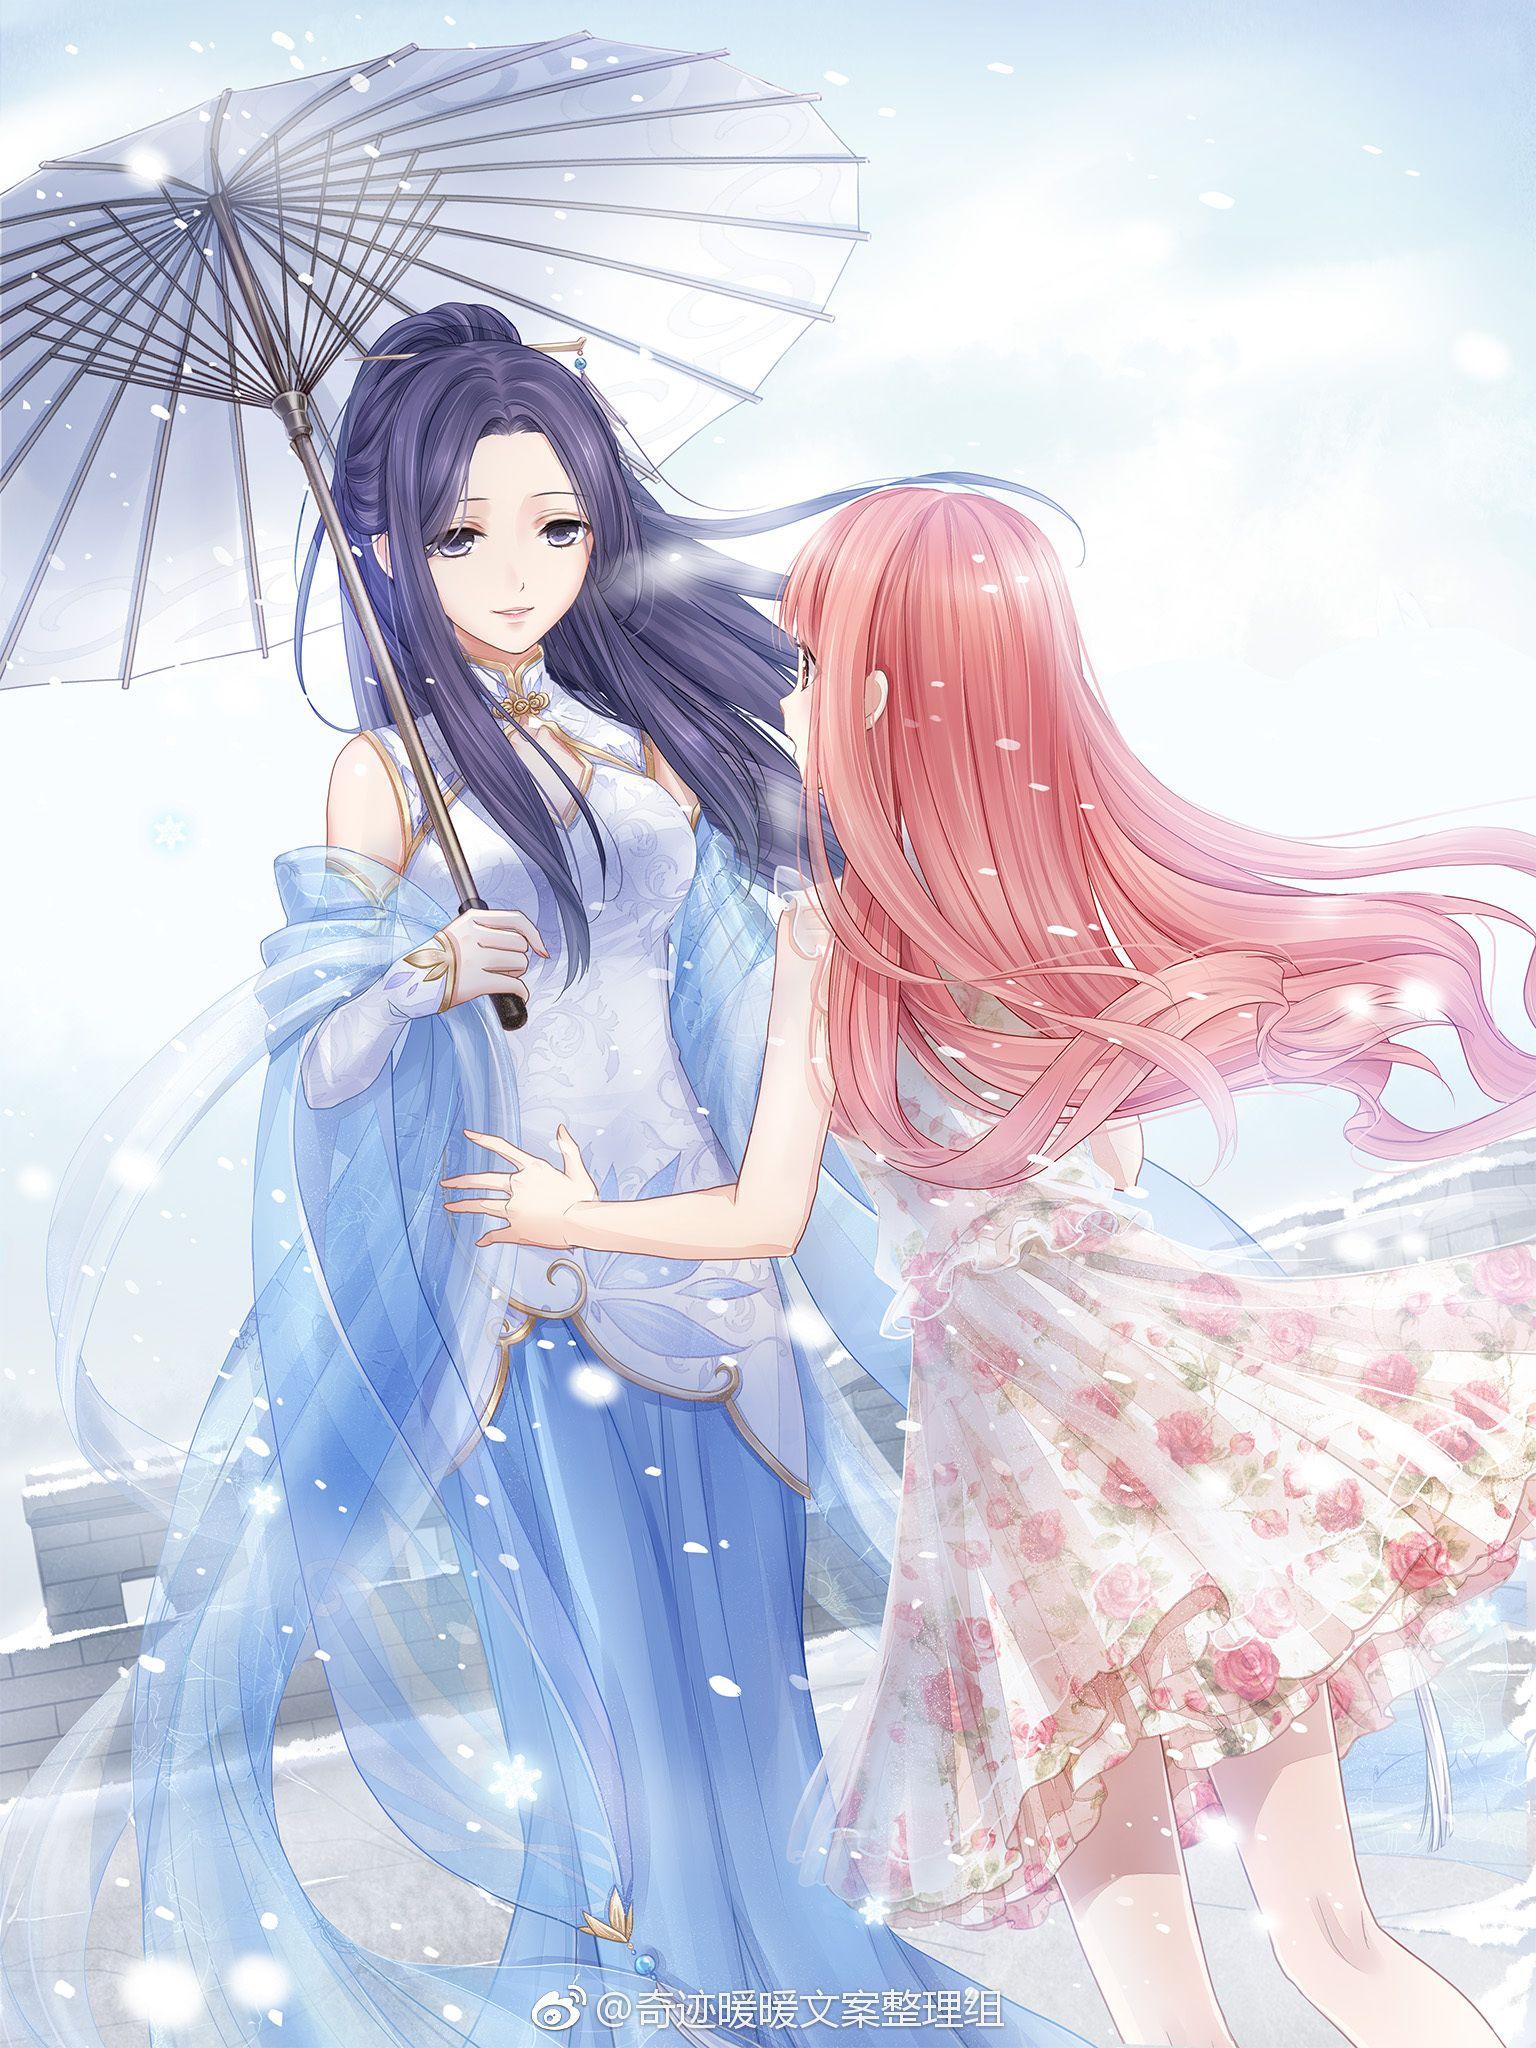 Ghim của Joclyen trên Cute anime pics Anime, Hình minh